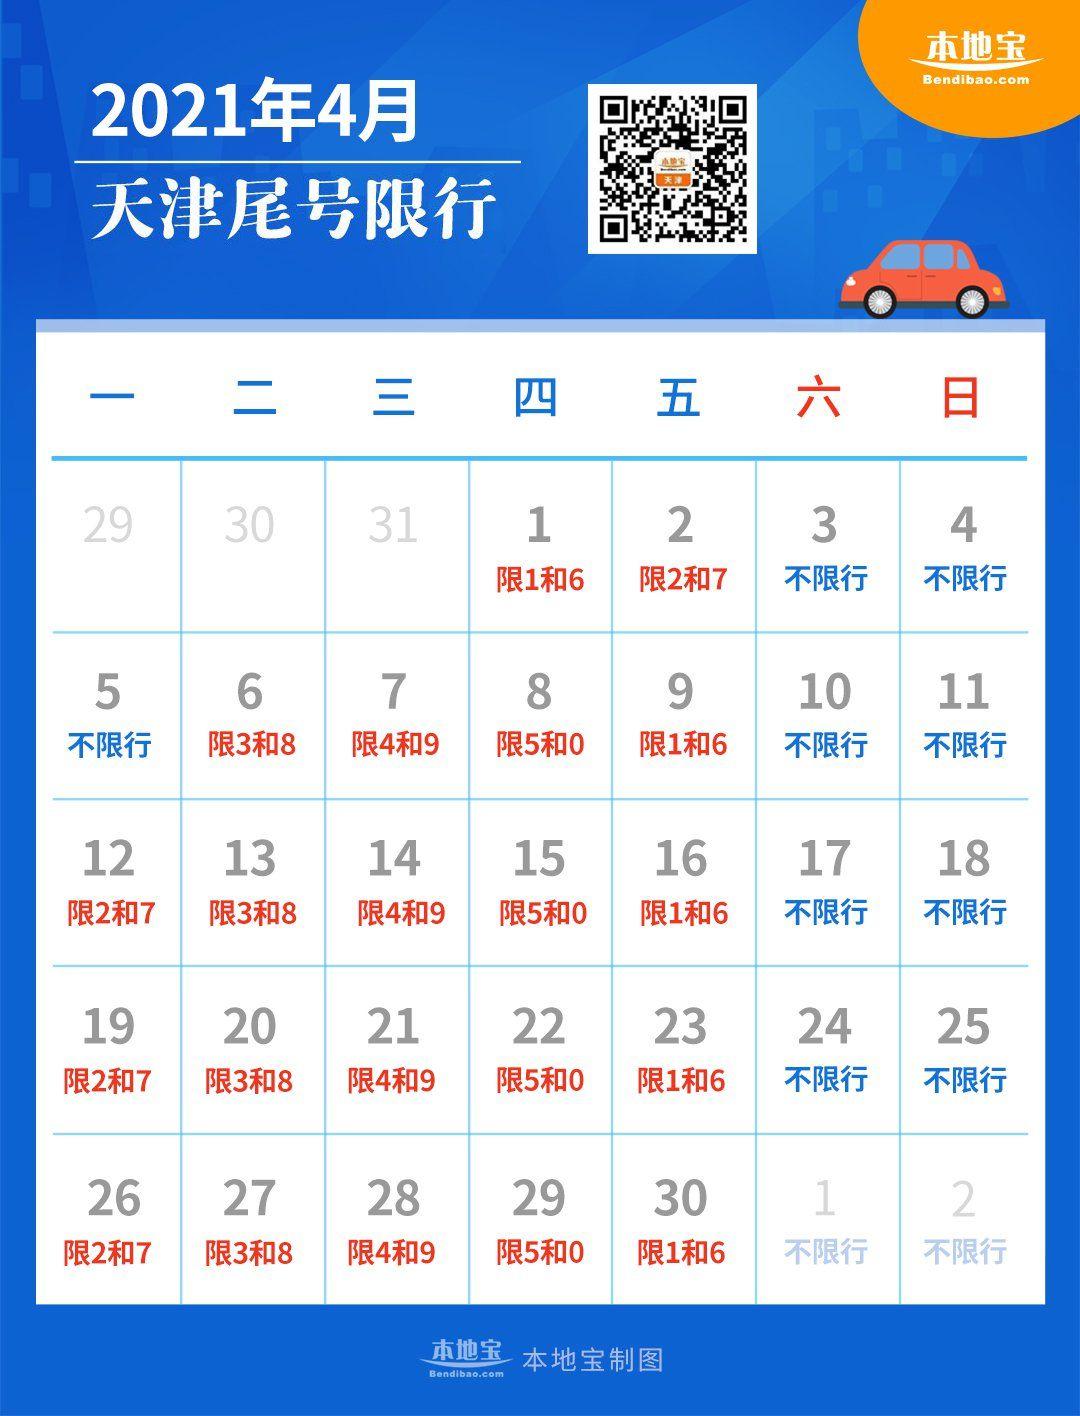 天津限號最新消息2021:天津限行尾號查詢+限行時間表